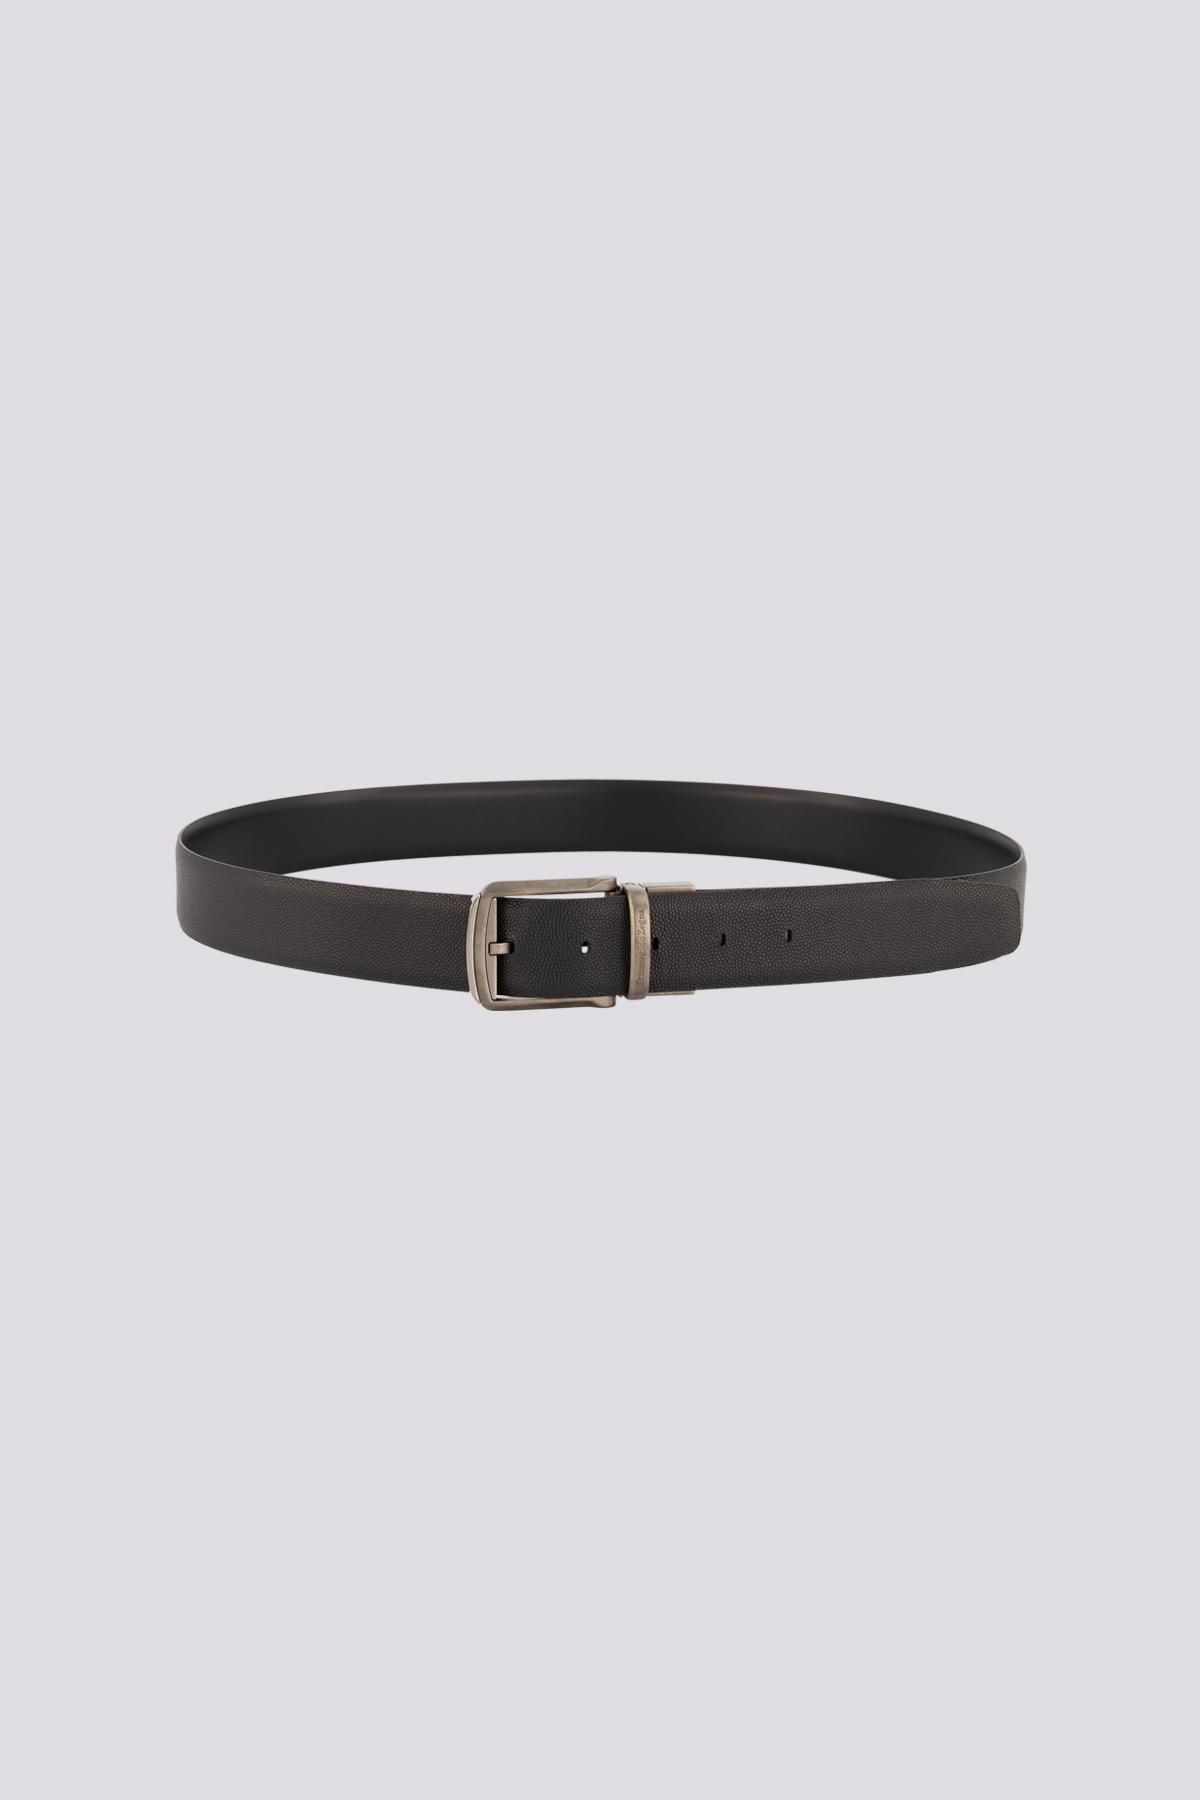 Cinturón en piel marca Zegna reversible